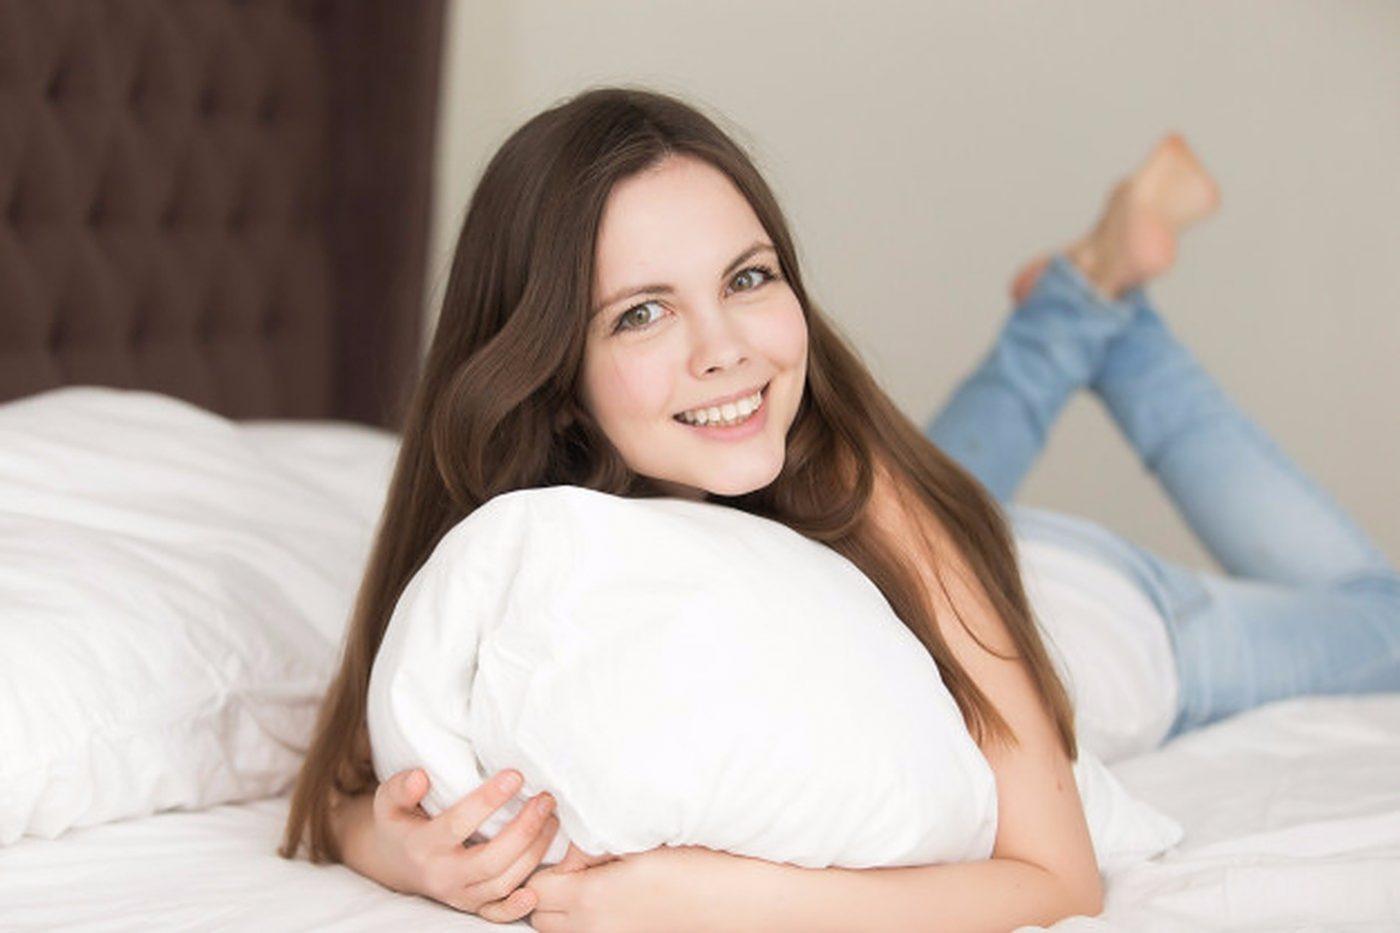 Ležanje na trbuhu opasno za zdravlje